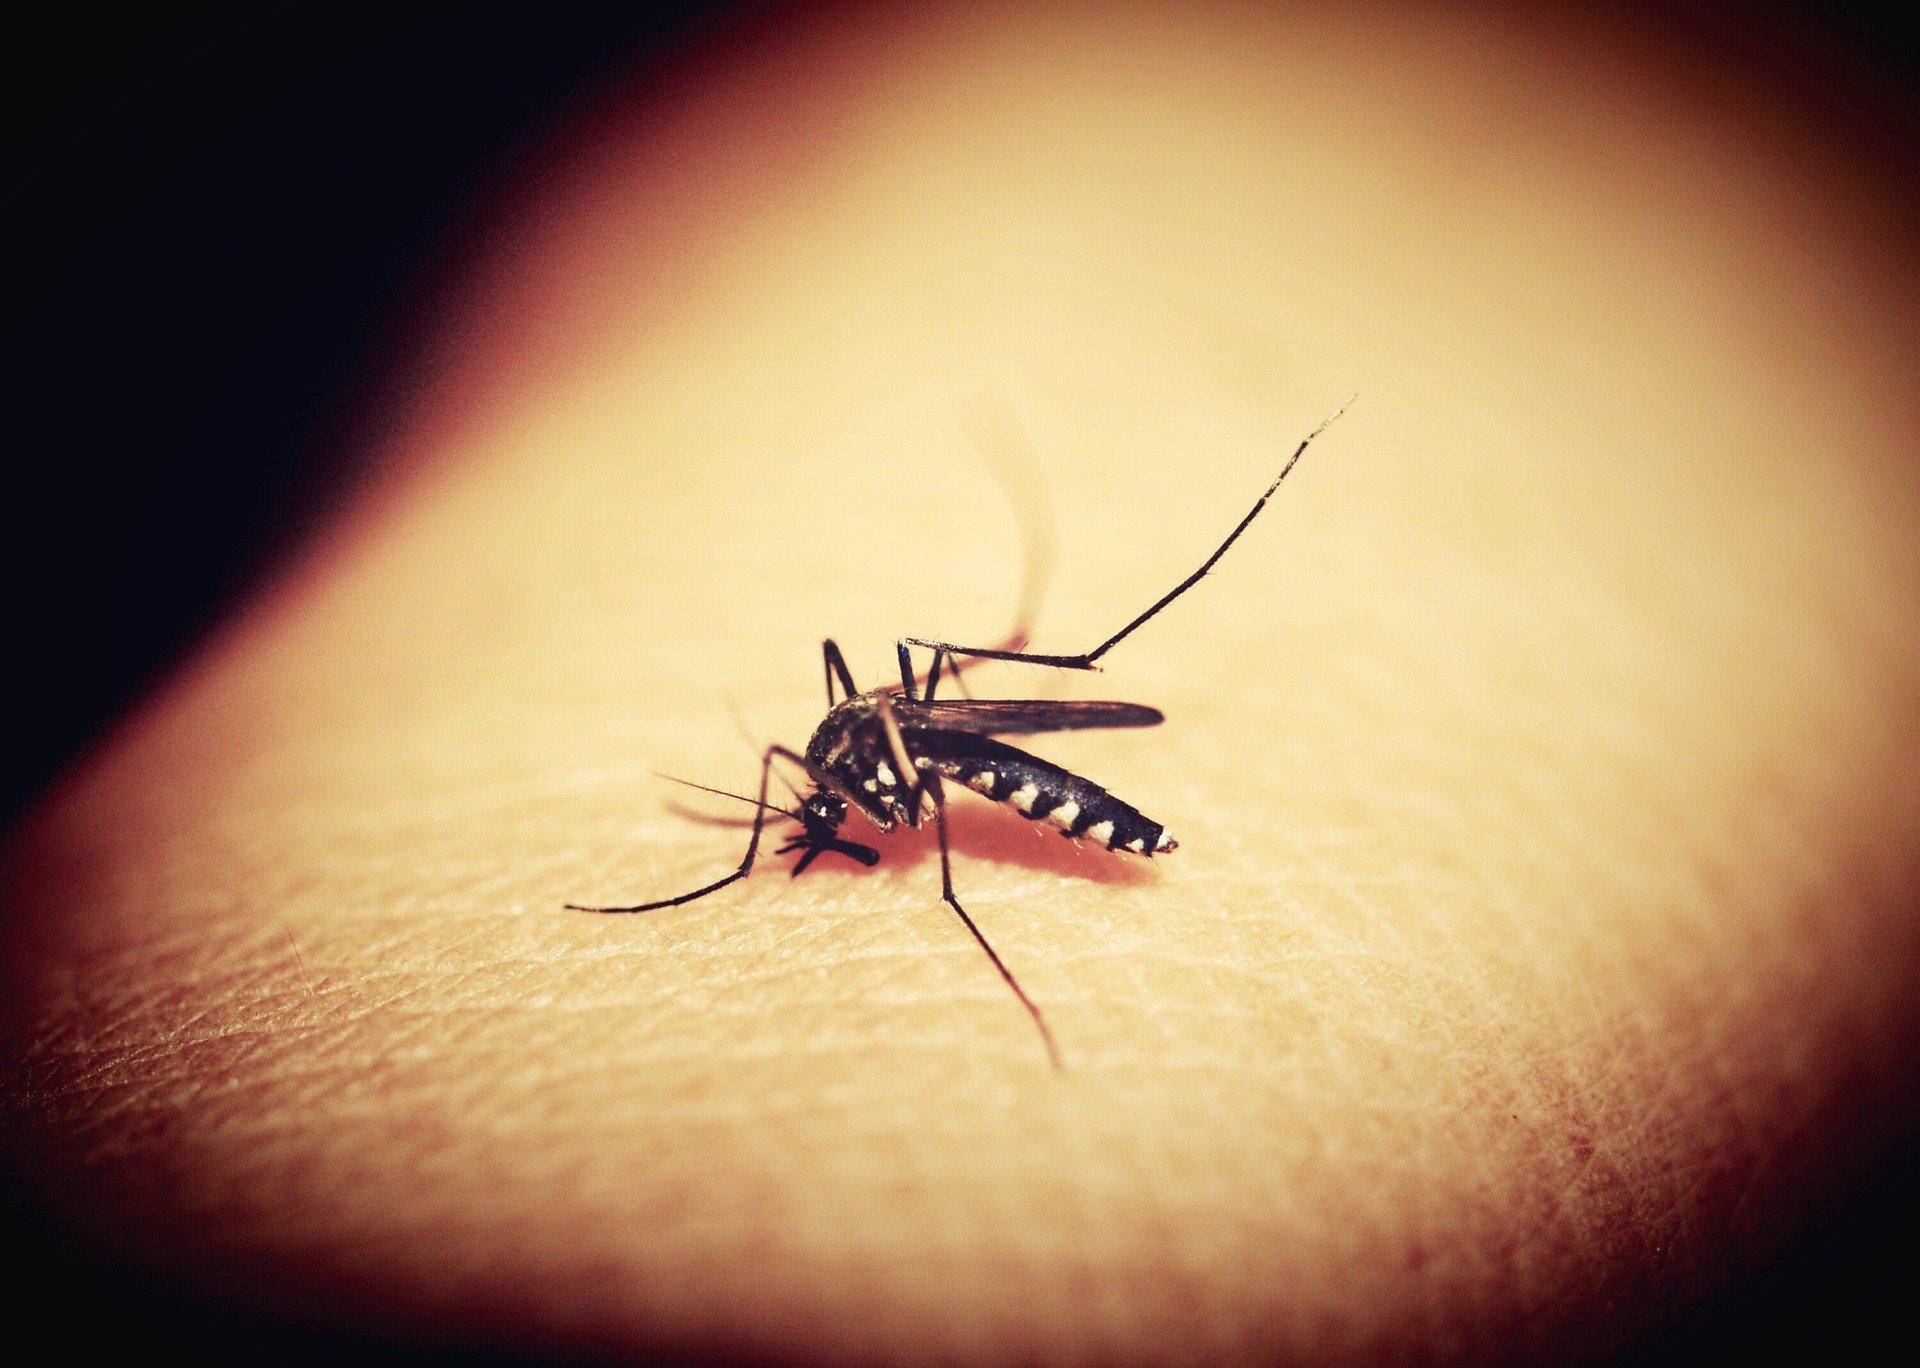 شركة مكافحة حشرات البعوض في المنطقة الغربية أبو ظبي